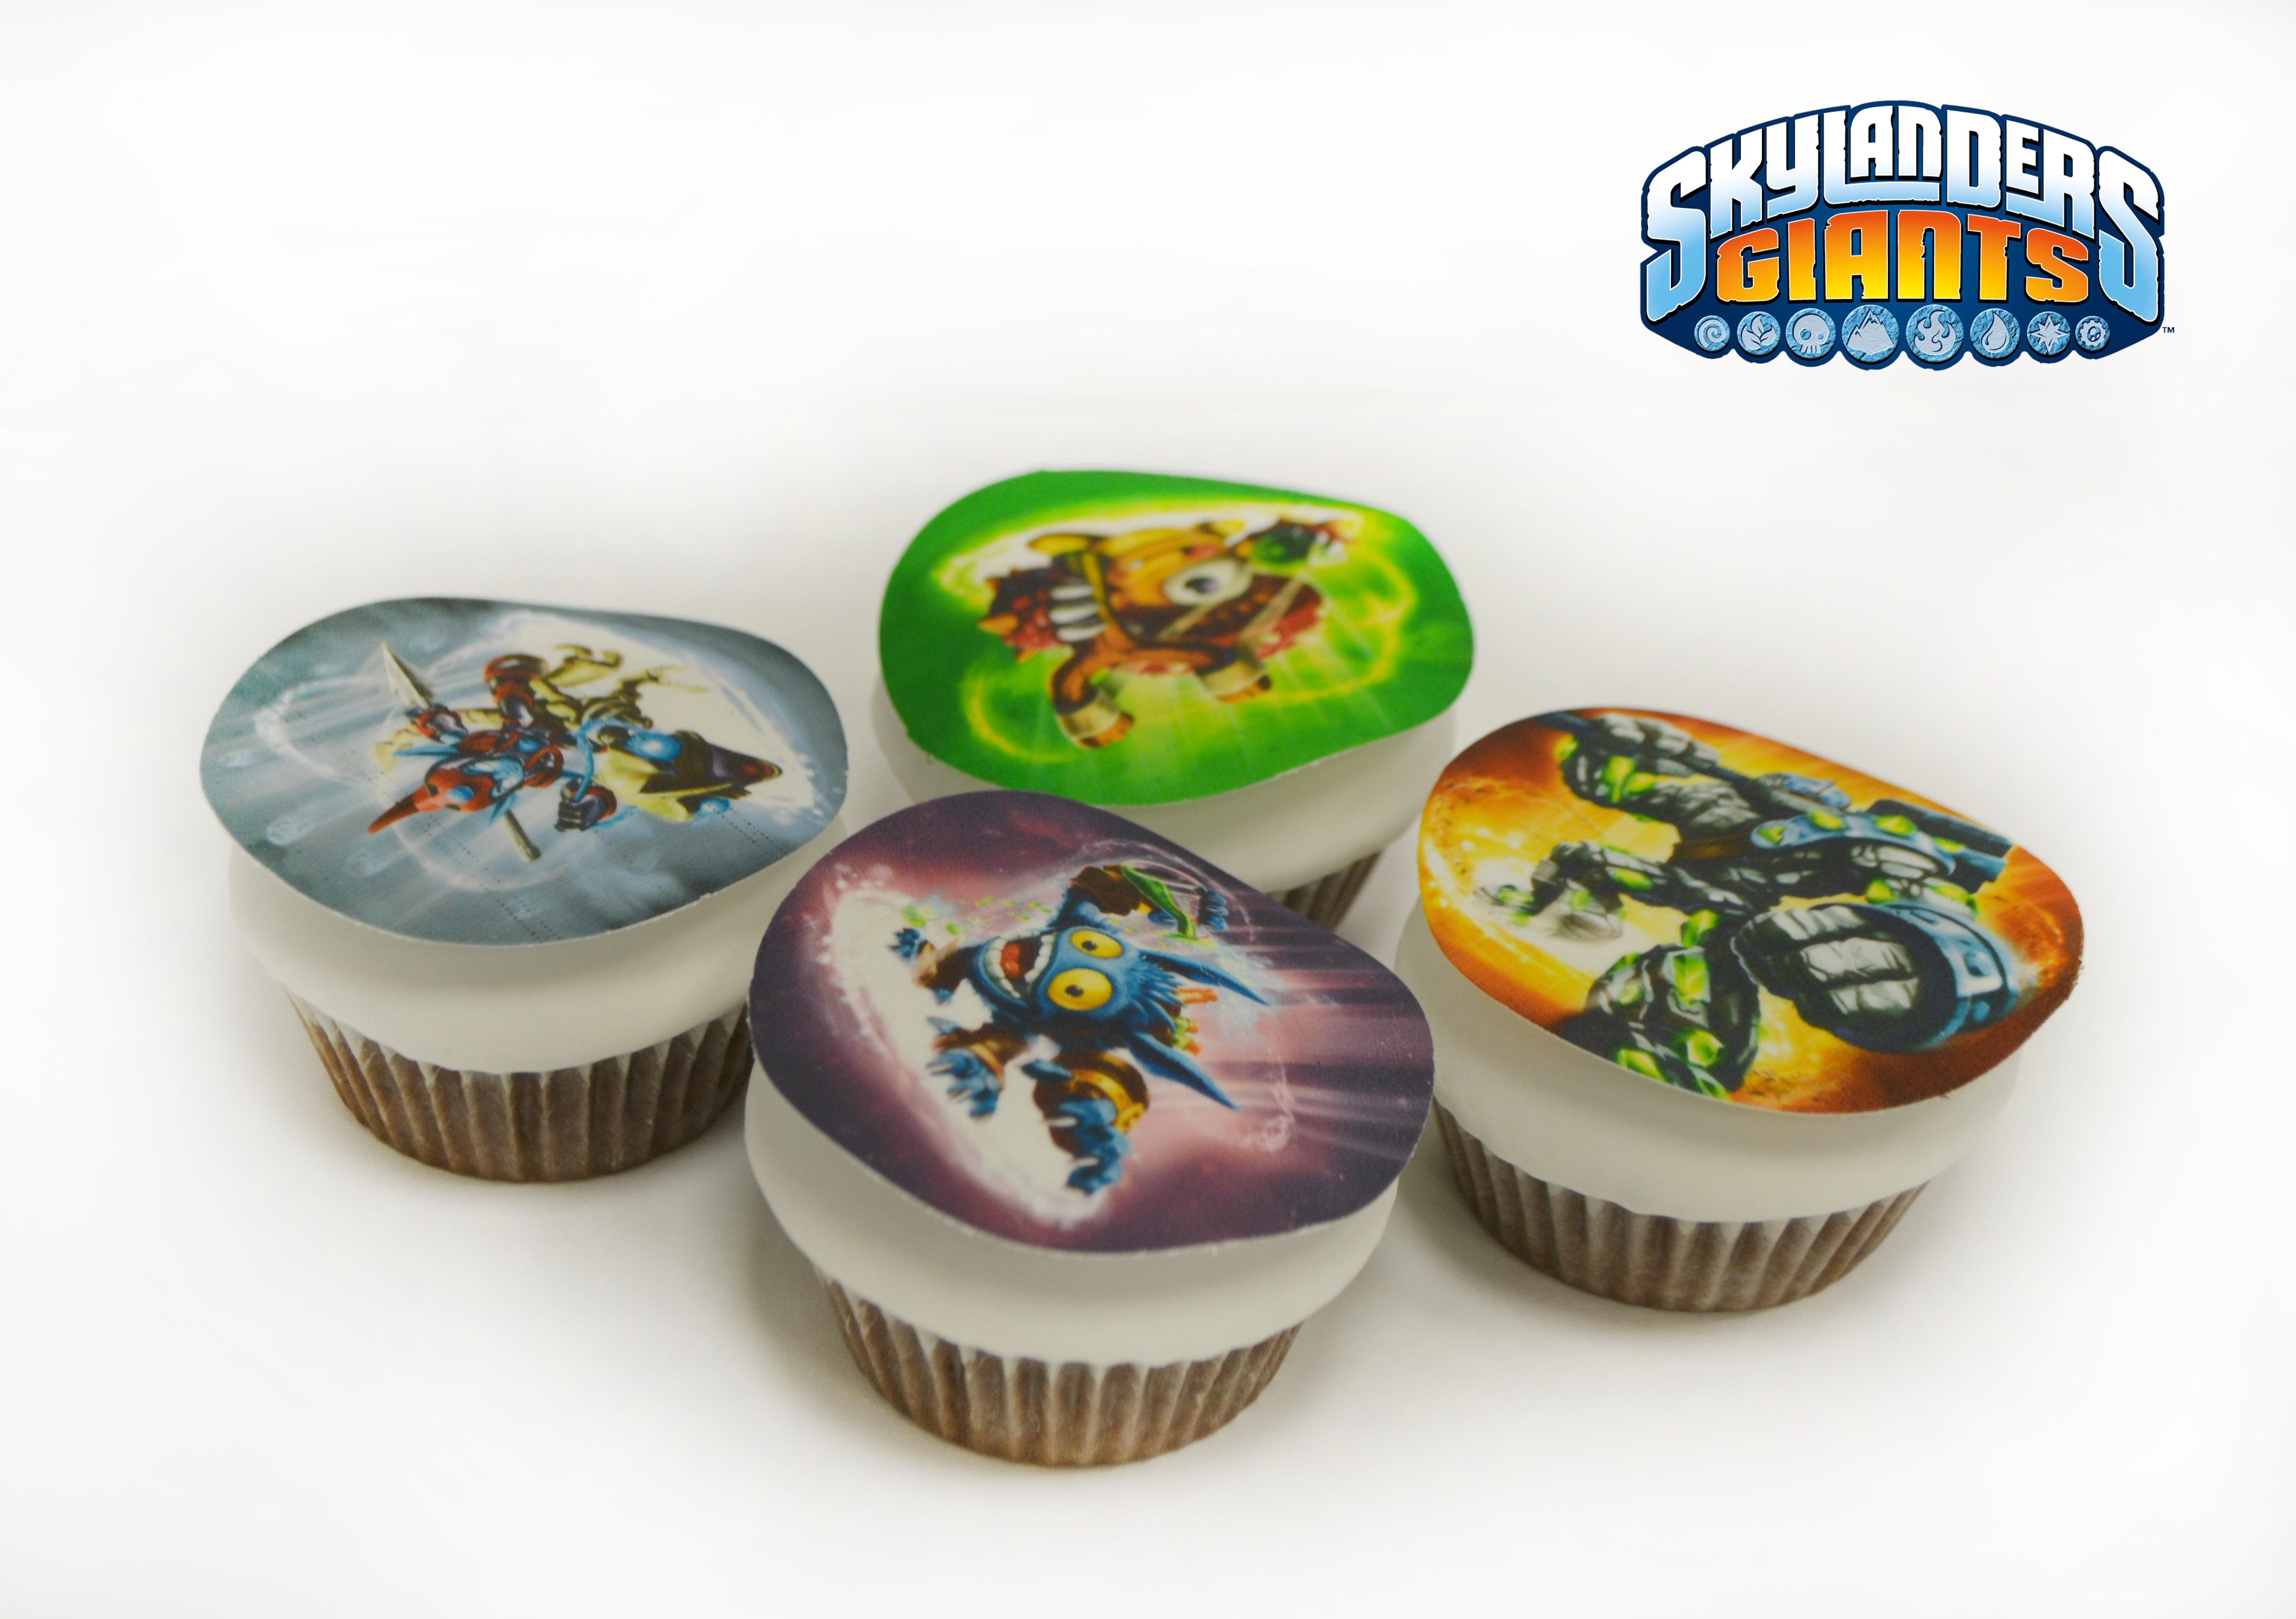 Receta de Cupcakes Skylanders